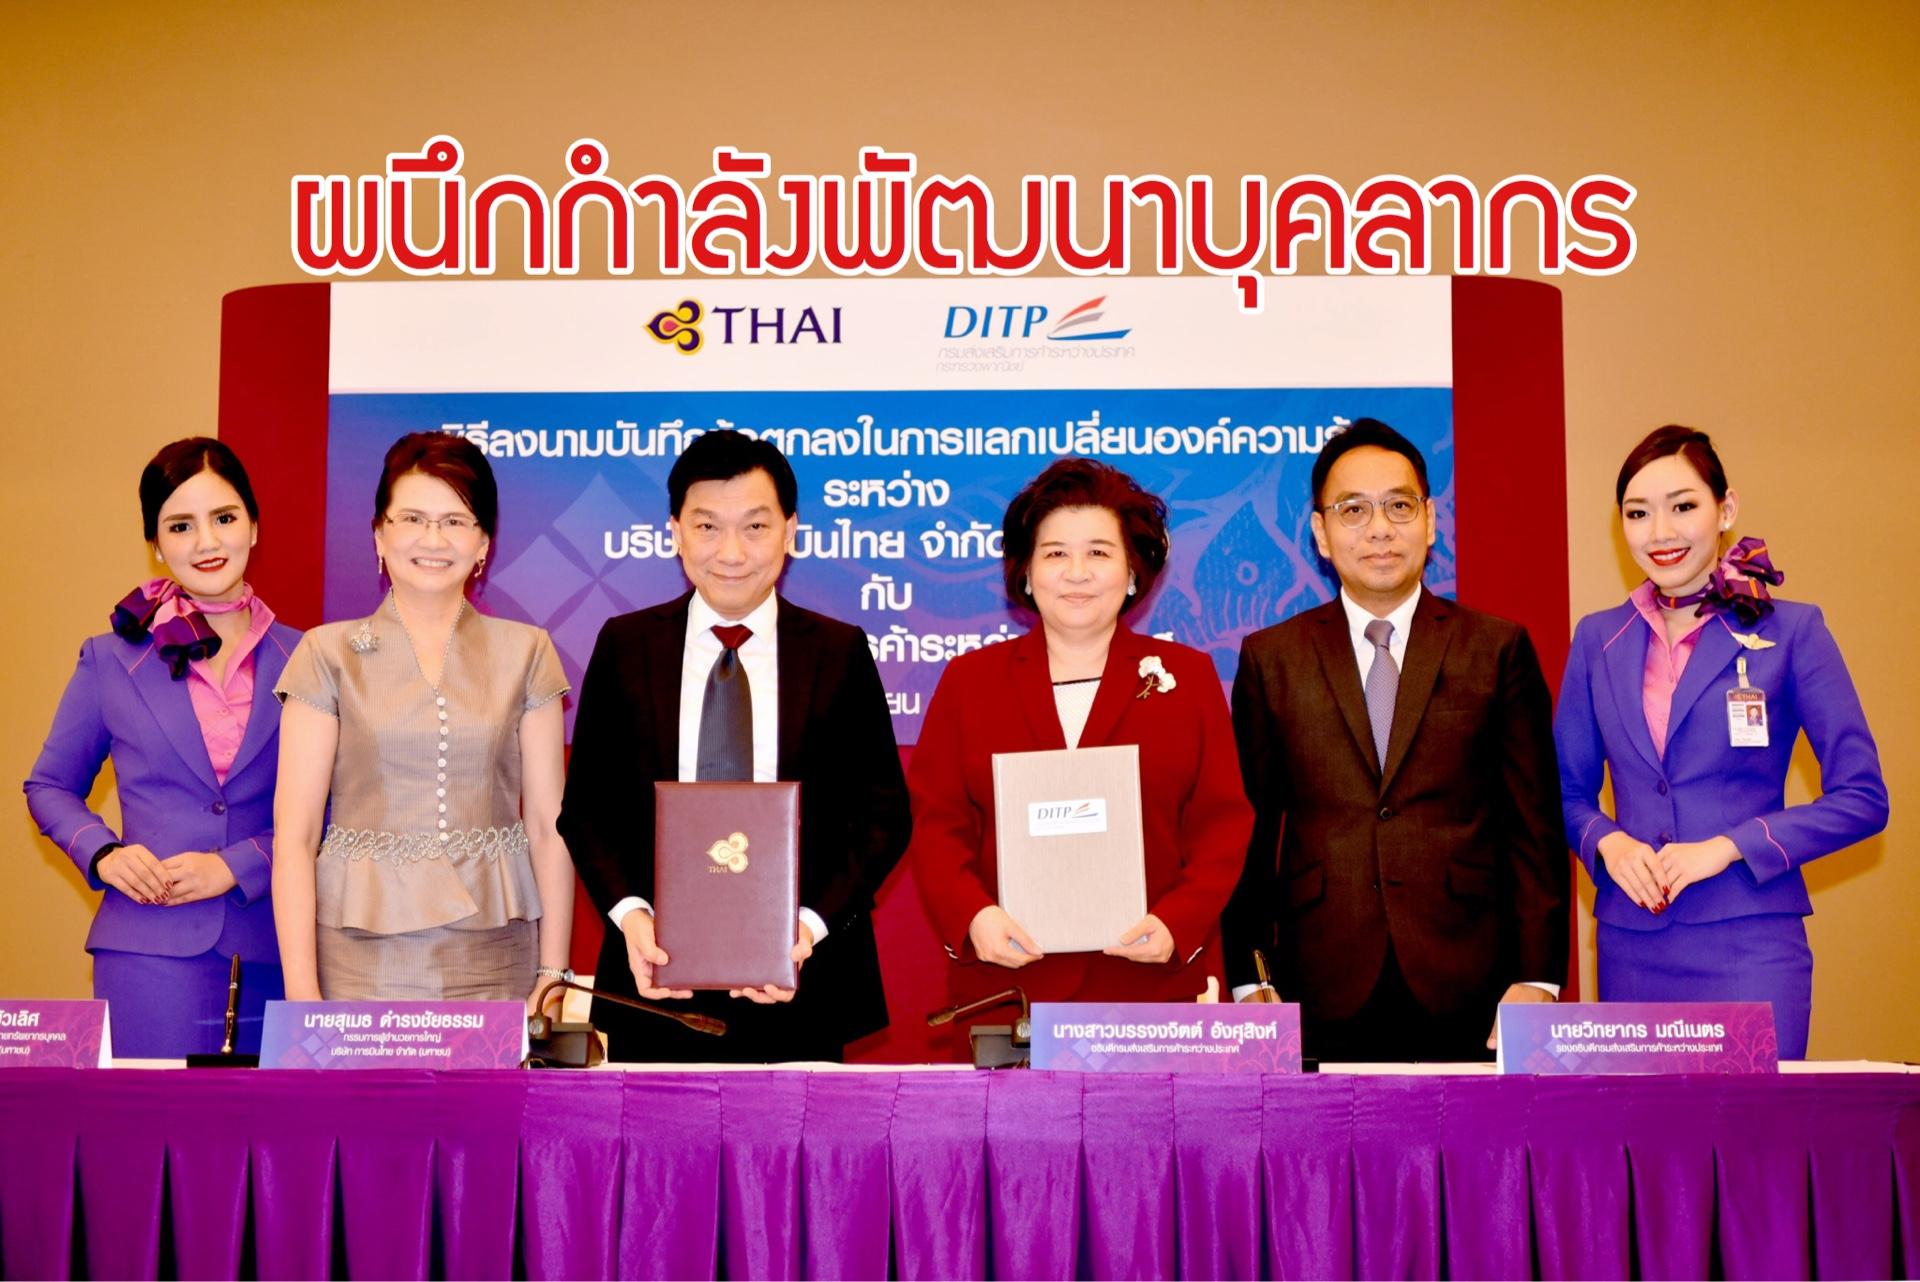 'การบินไทย' ผนึกกำลัง 'DITP' แลกเปลี่ยนความรู้พัฒนาบุคลากร